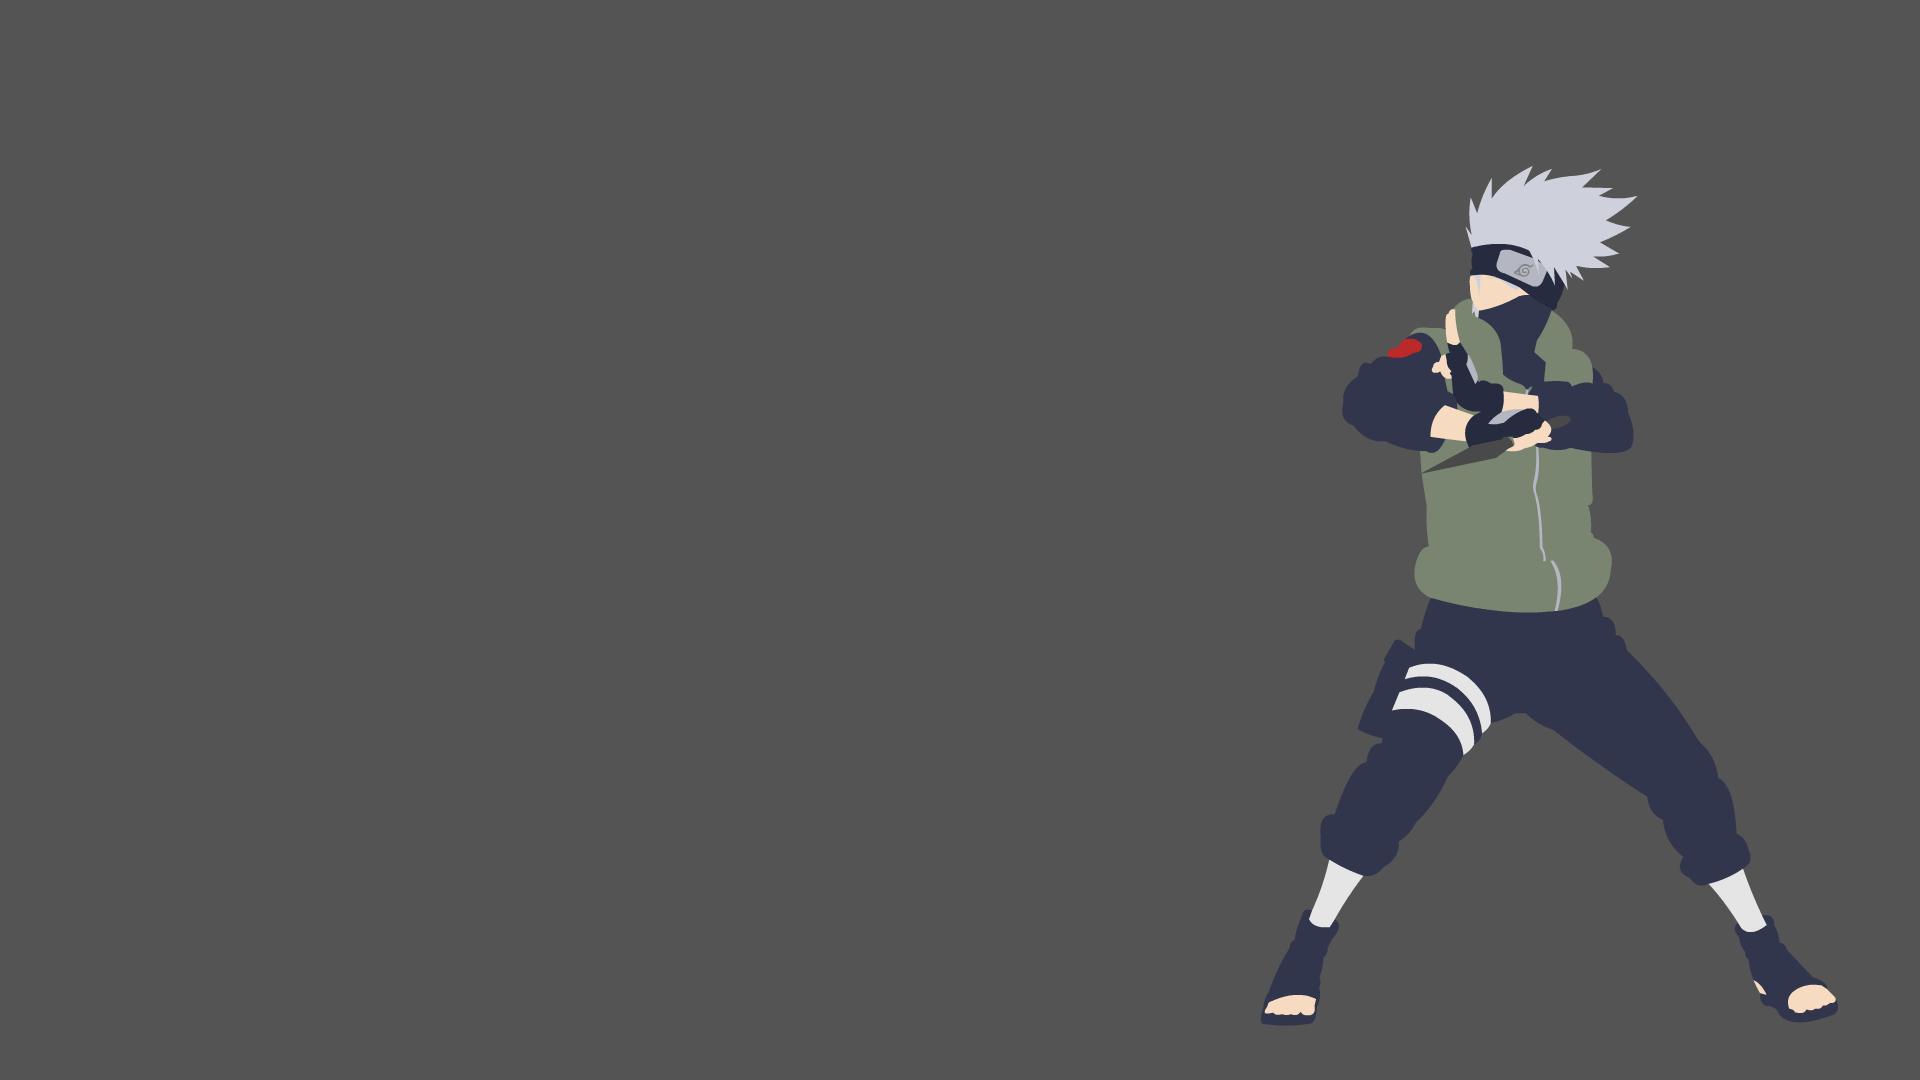 Sasuke Minimalista Fondo: Kakashi 3 By Dragonitearmy On DeviantArt